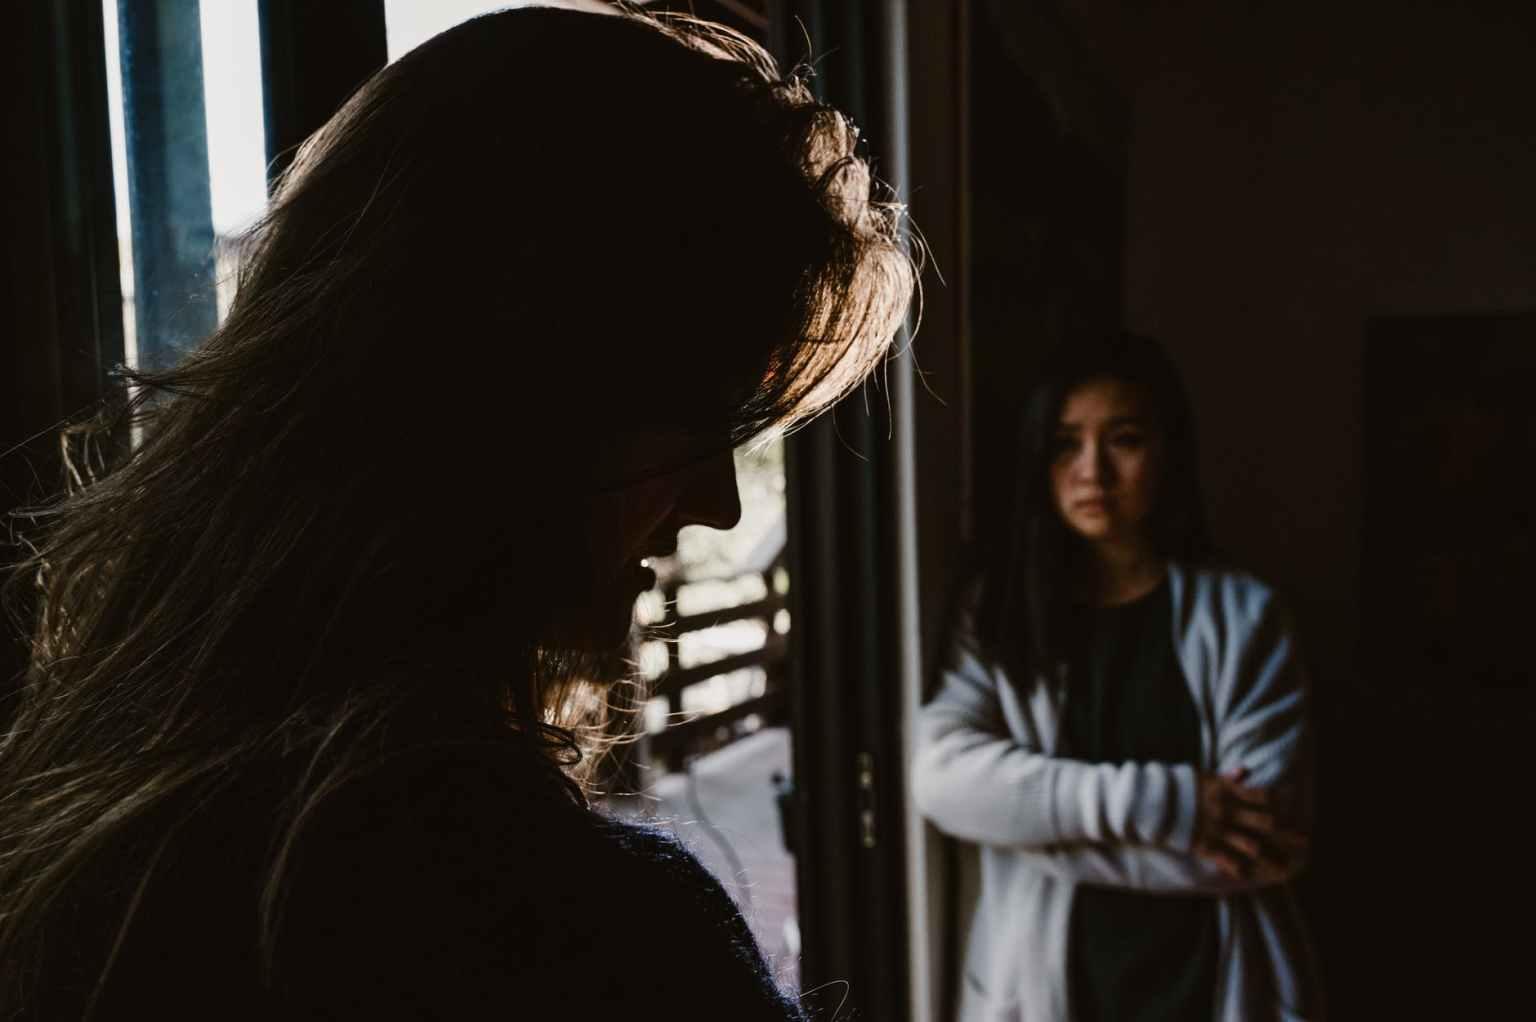 Concurso para acolhimento de emergência de vítimas de violência doméstica-ACEGIS